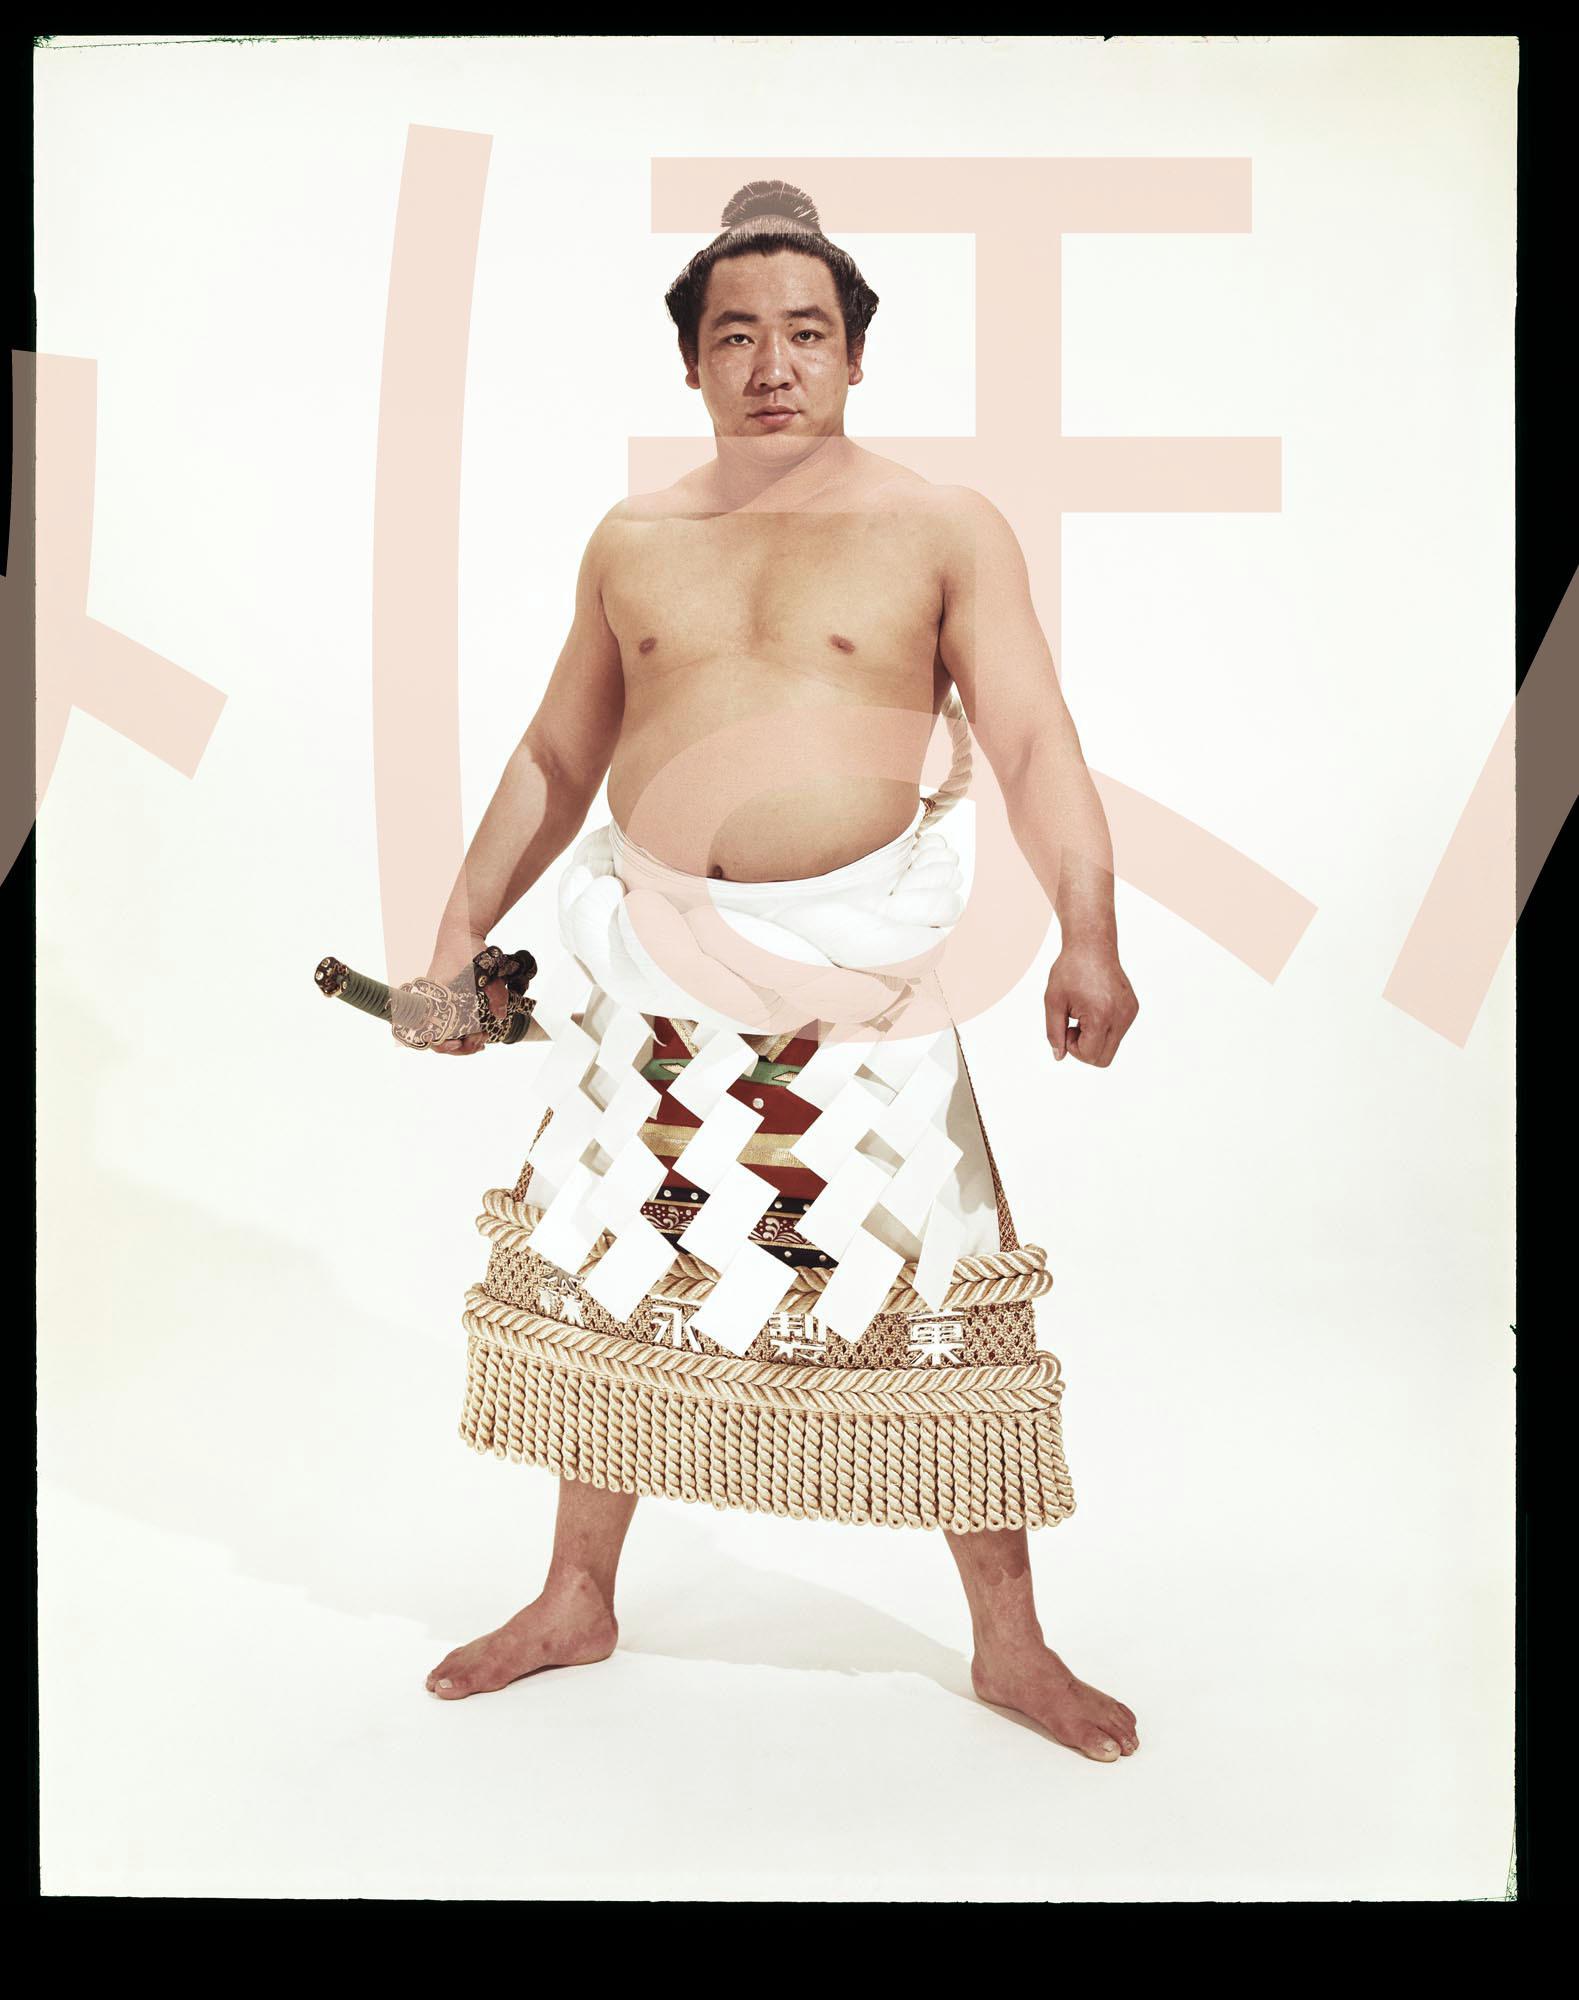 昭和39年5月場所優勝 横綱 栃ノ海晃嘉関(3回目の優勝)